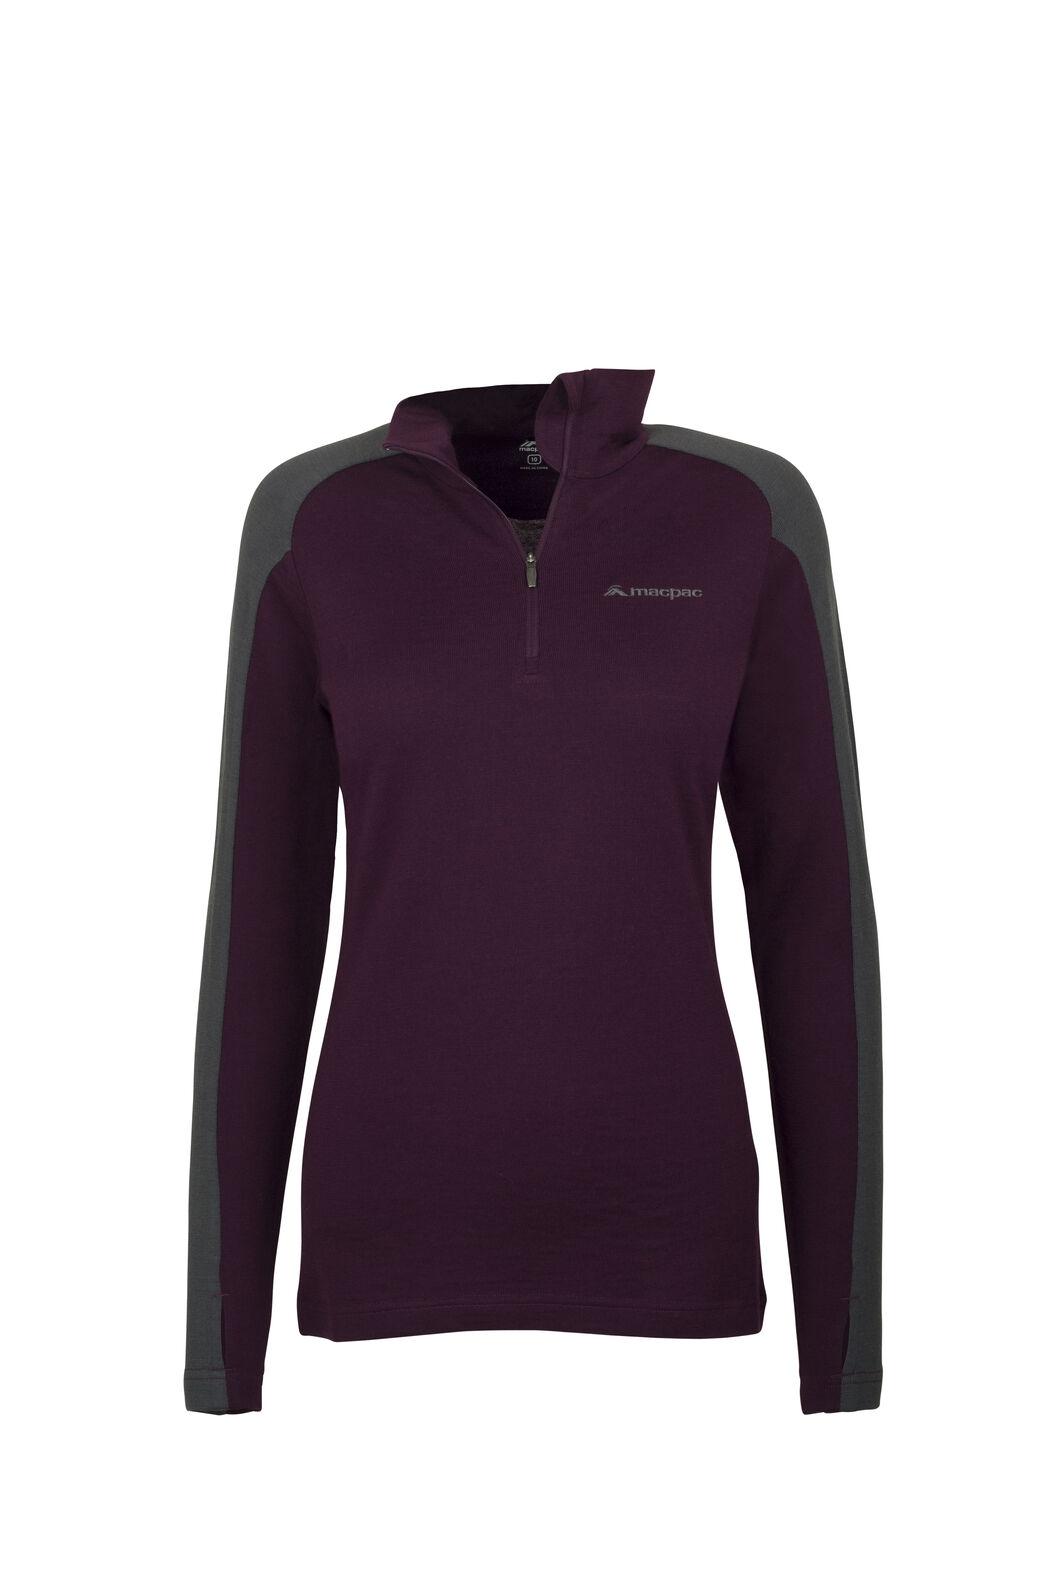 Macpac Kauri 280 Merino Pullover - Women's, Potent Purple, hi-res